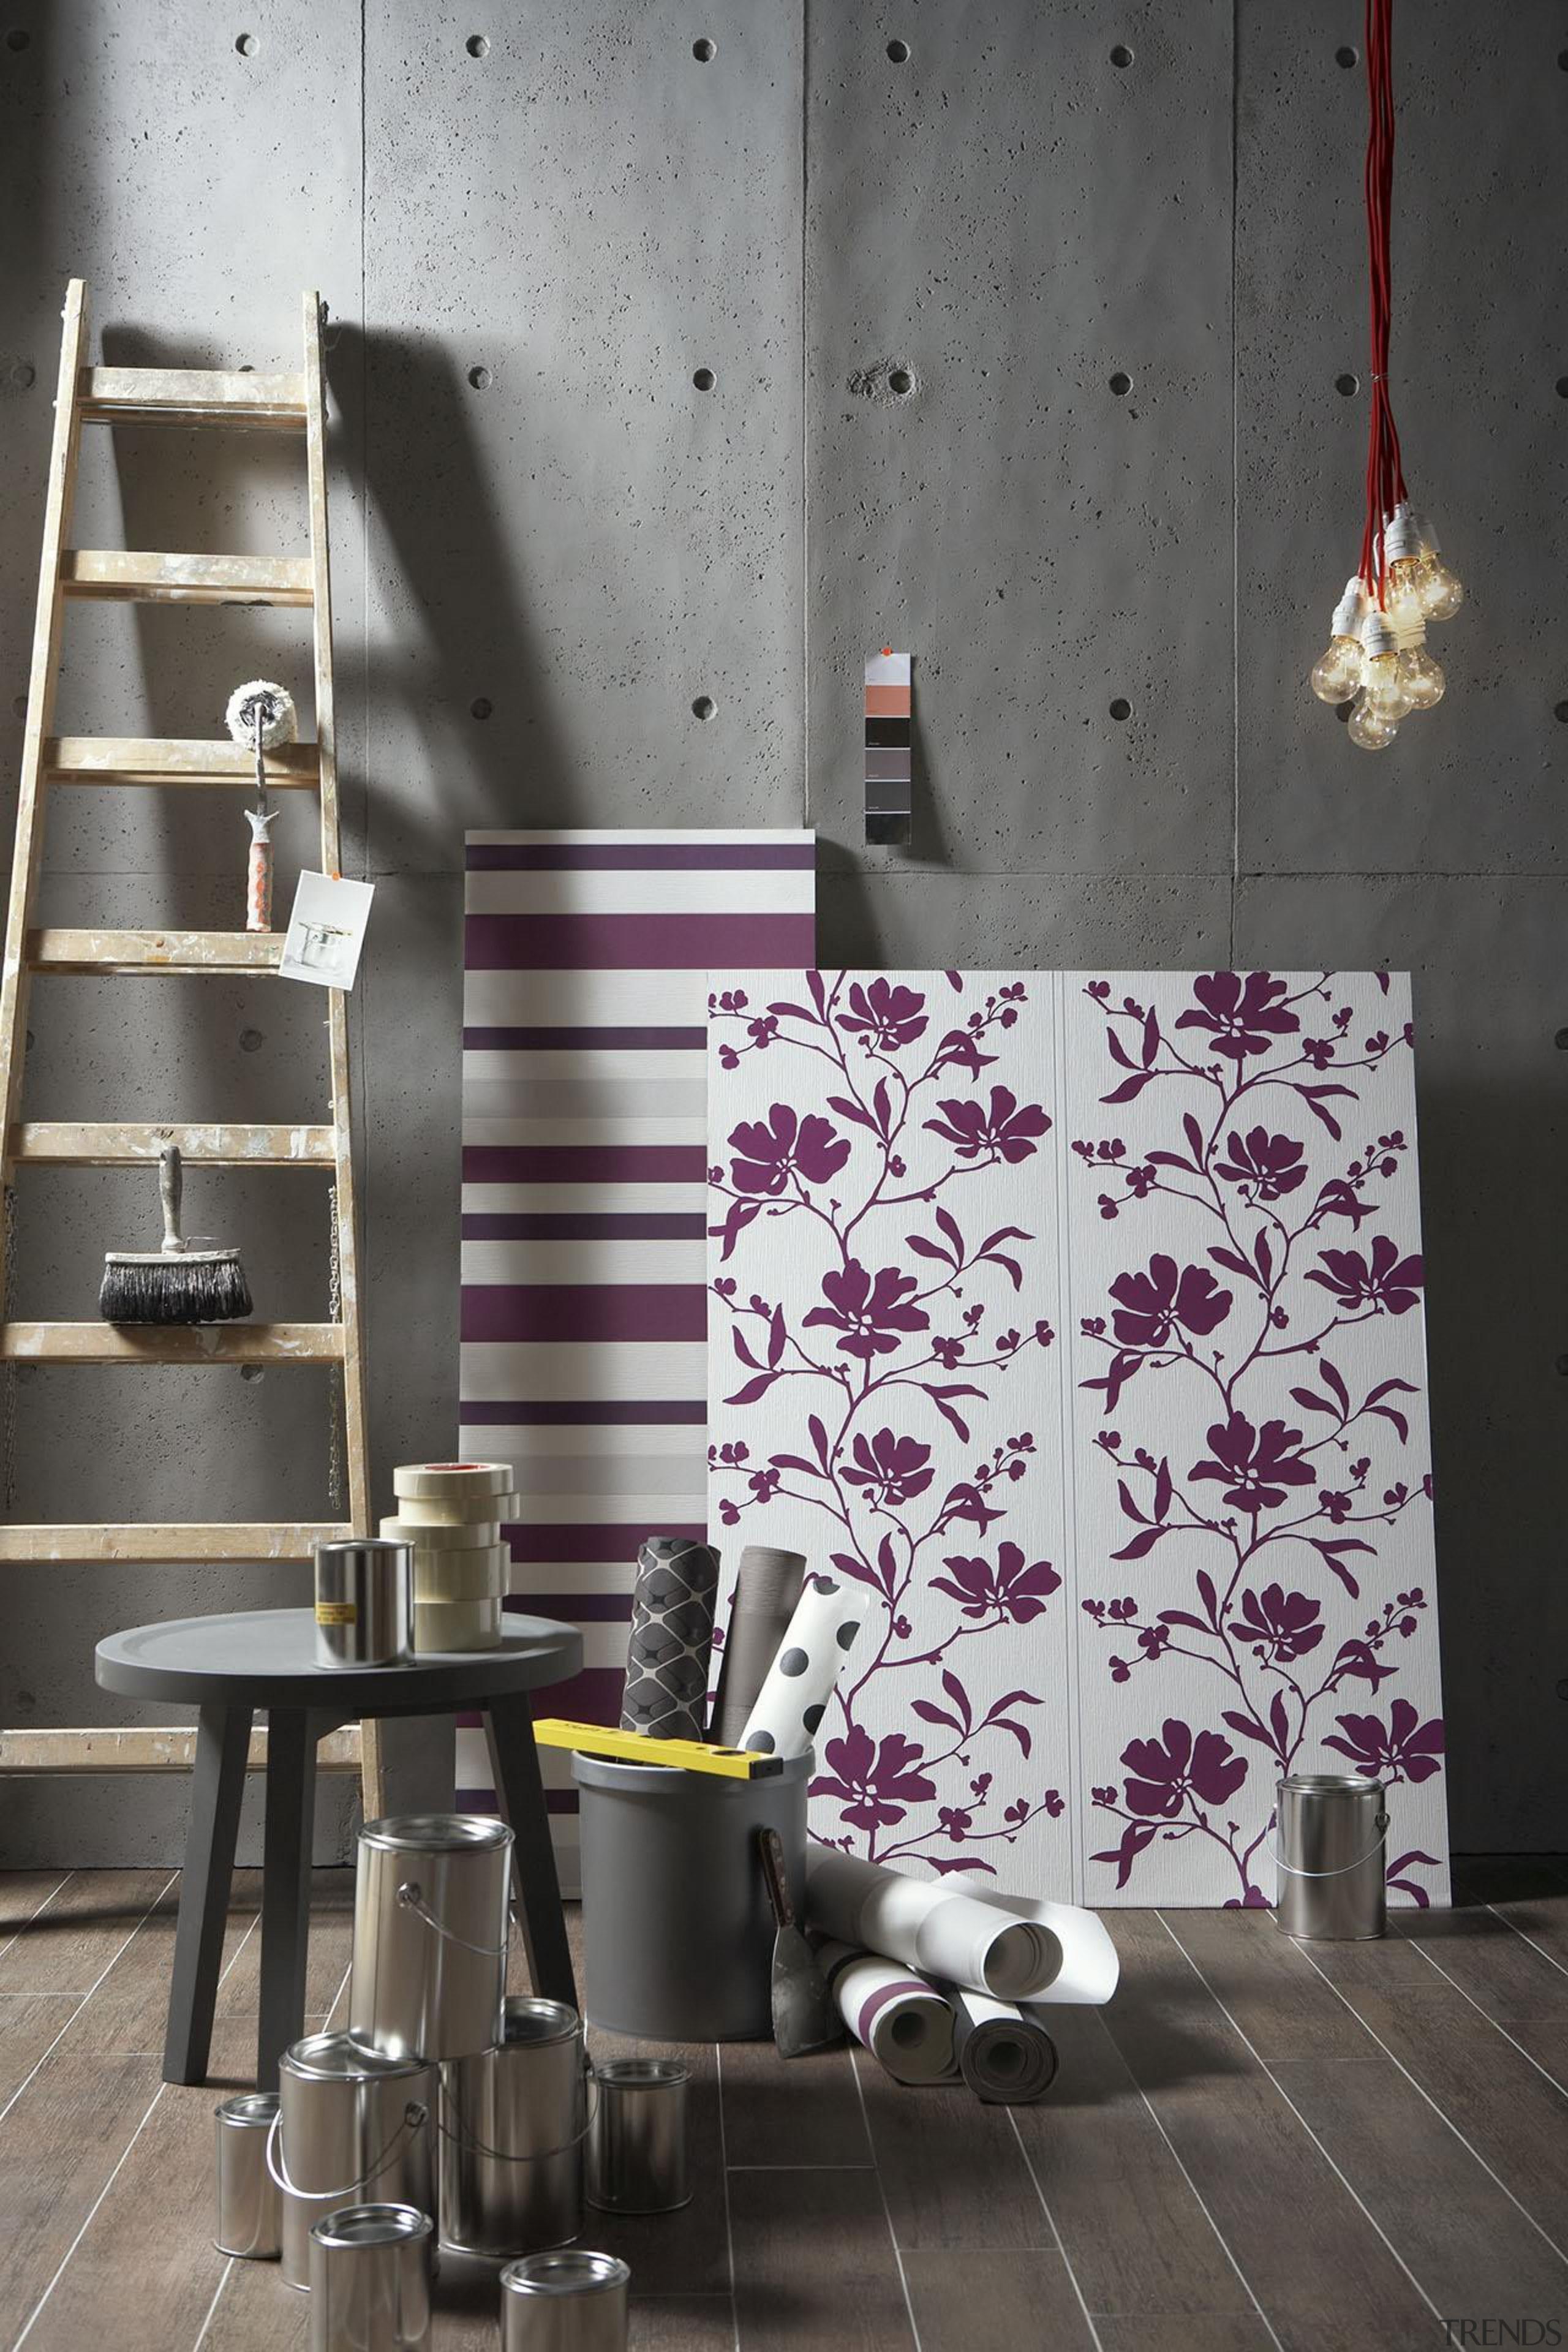 Schoner Wohnen - Modern Style Range - architecture architecture, design, floor, flooring, furniture, interior design, purple, table, wall, gray, black